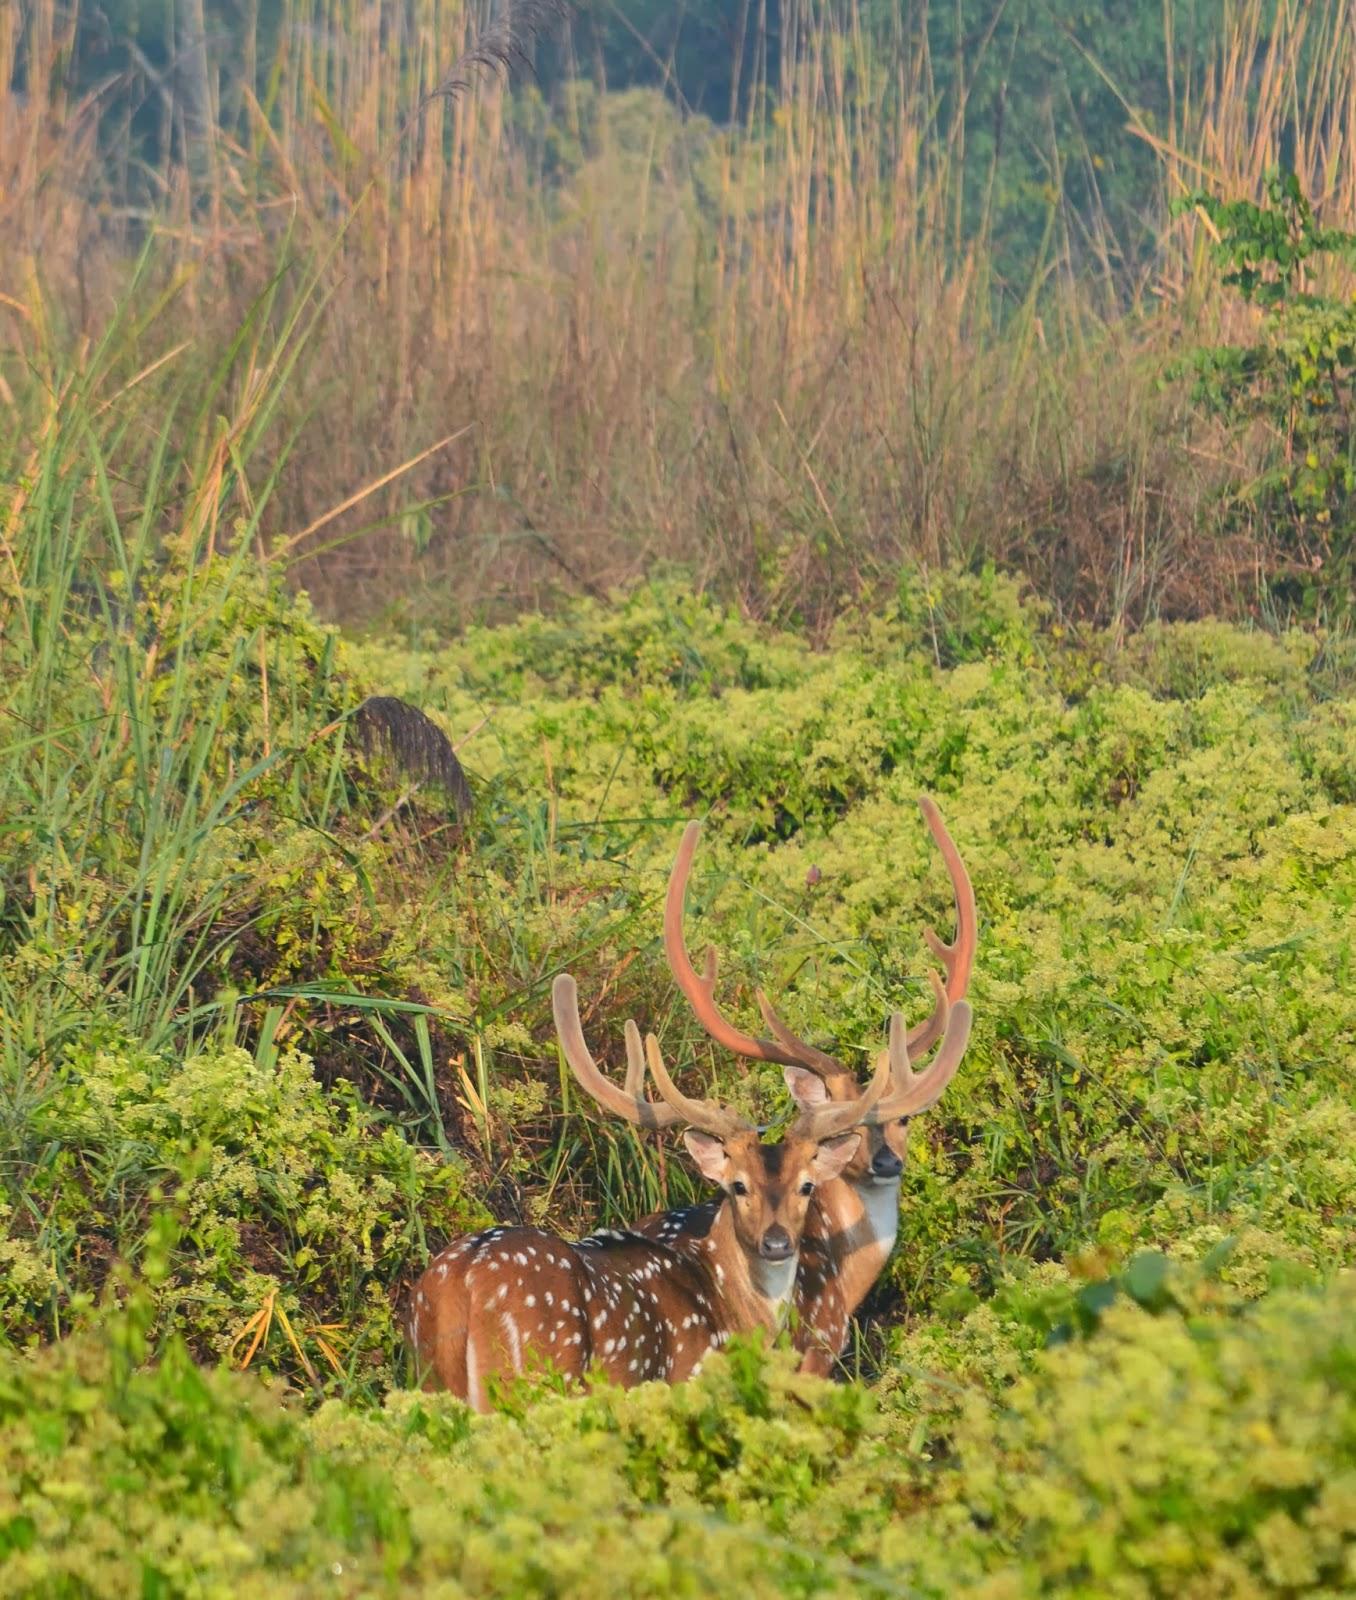 deer chitwan nepal